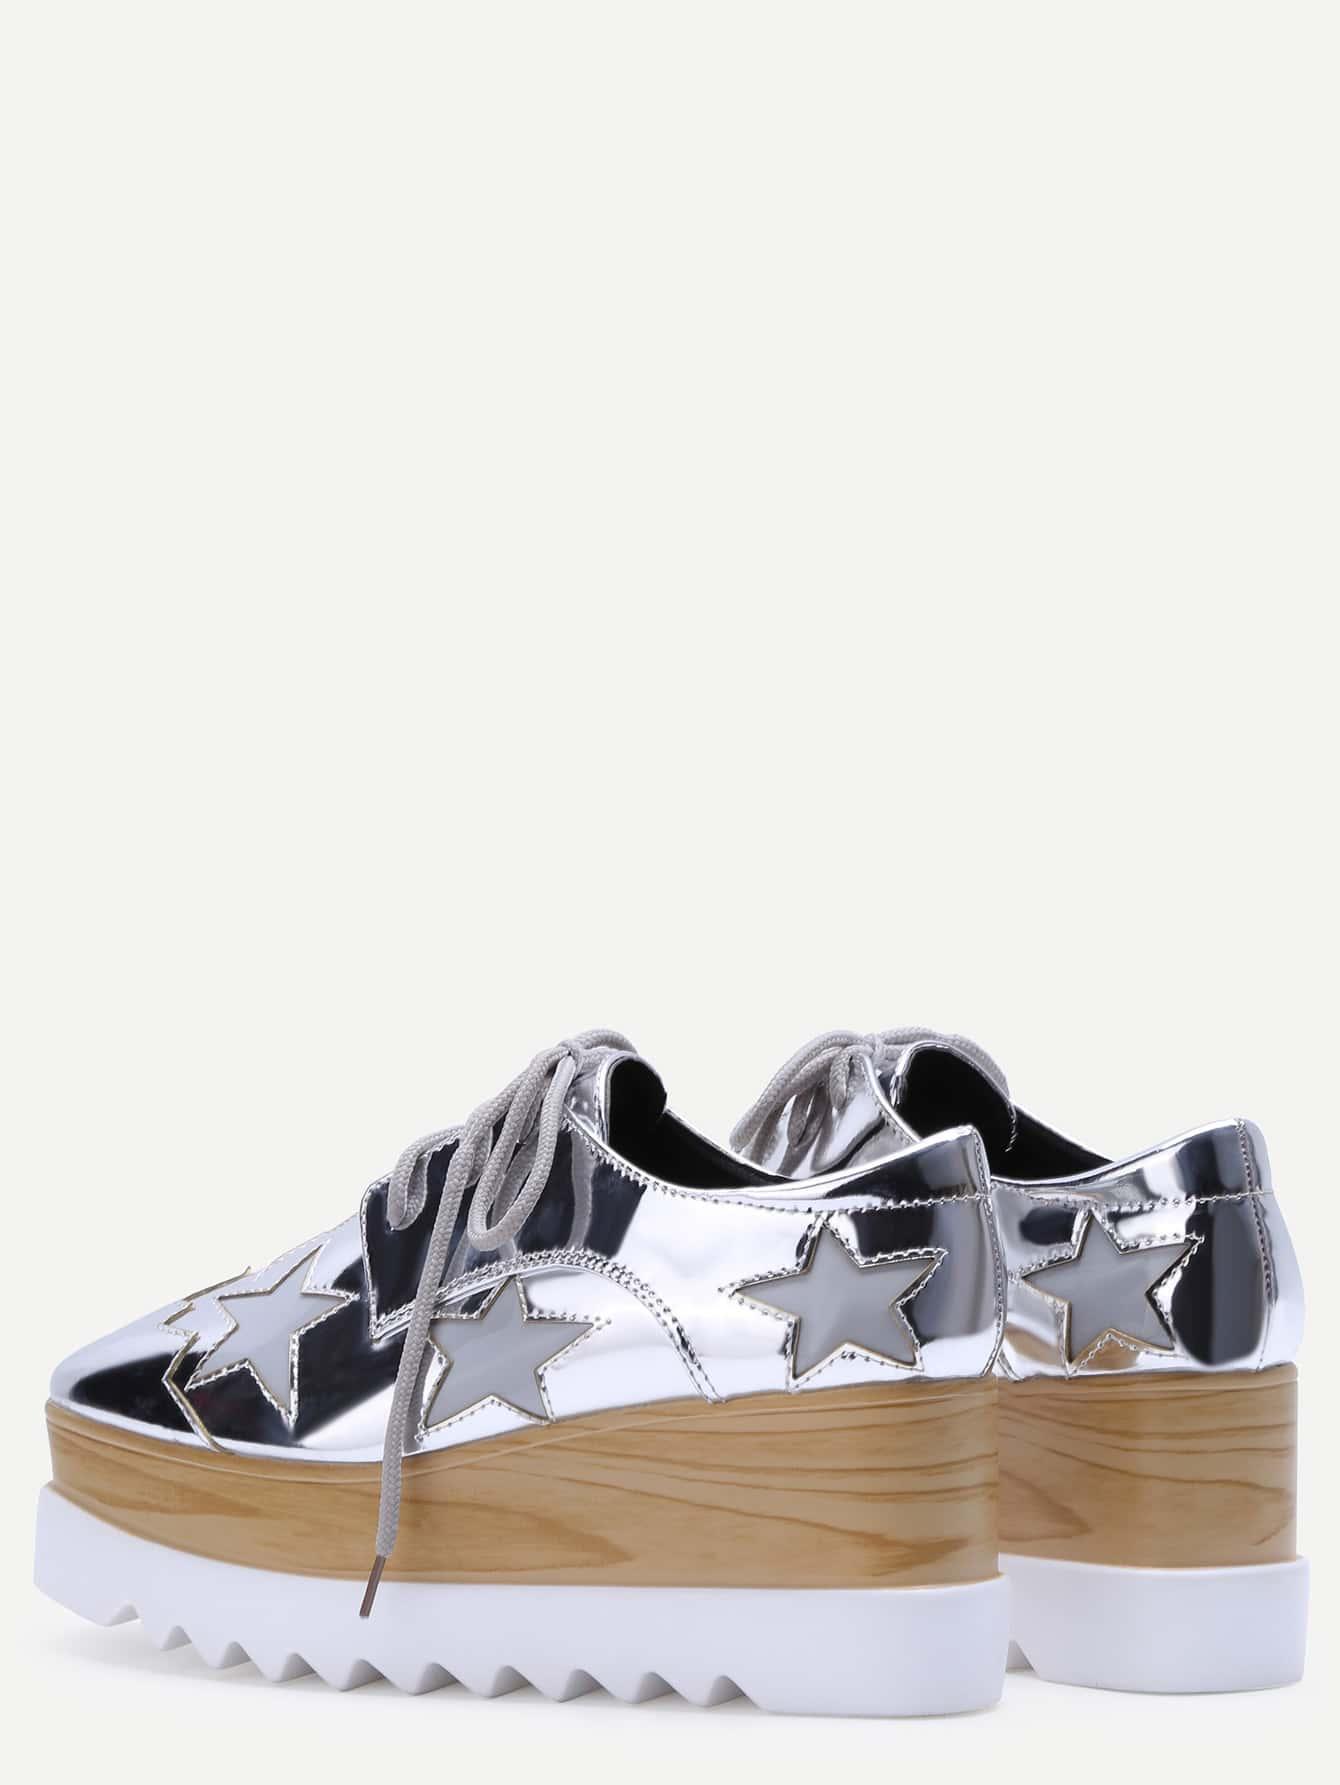 shoes170102802_2